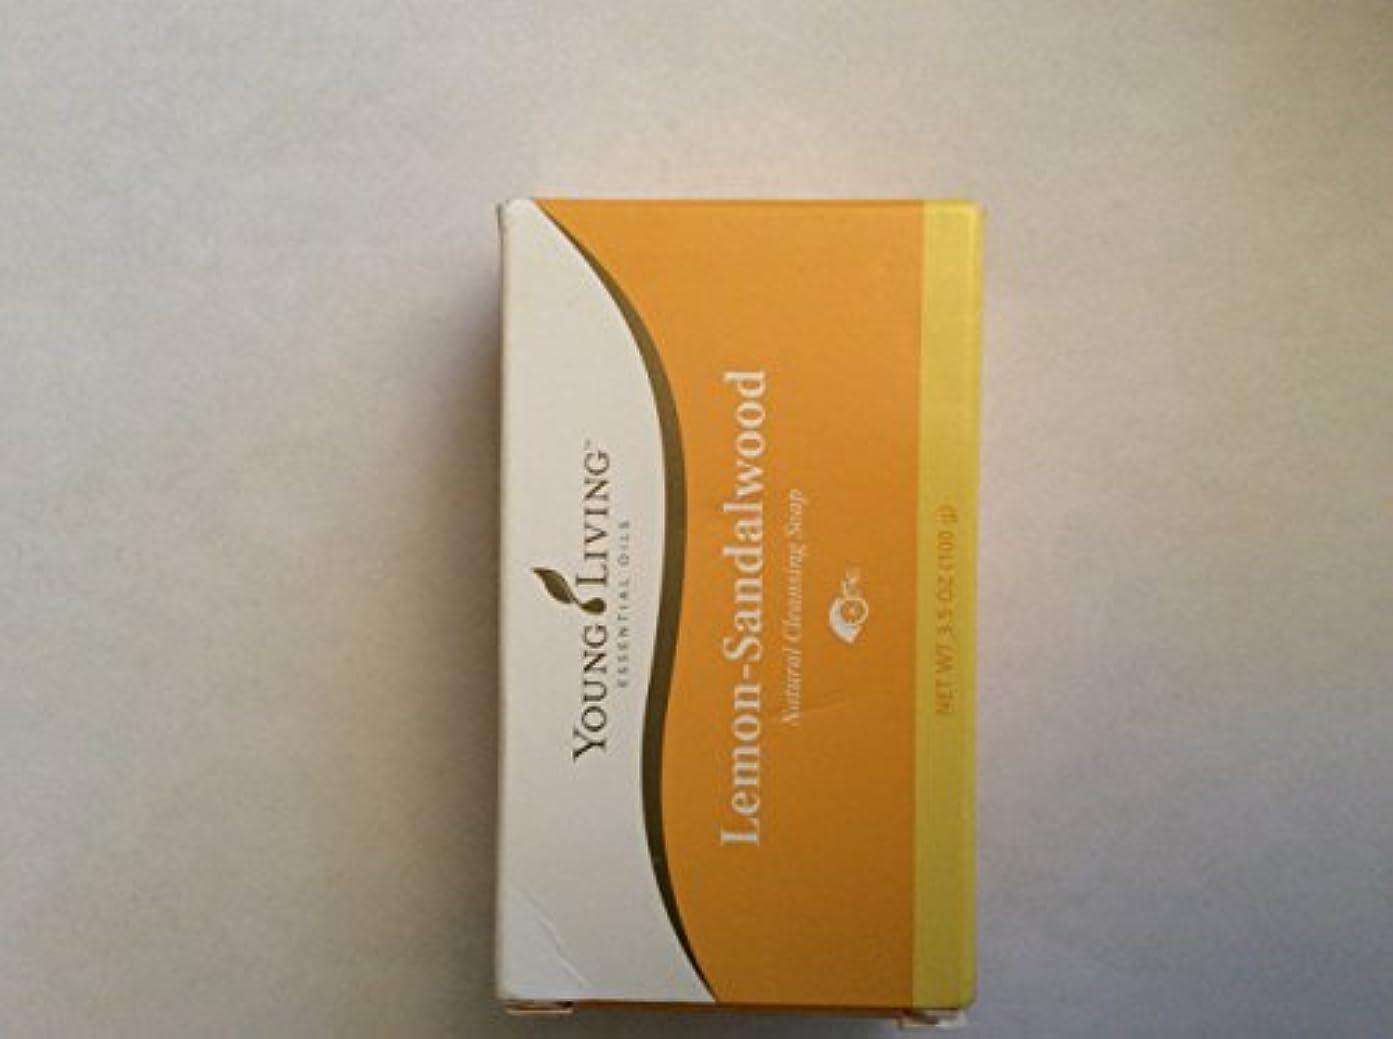 ディレイ膨らませるキャプテンブライヤングリビング Young Living レモンサンダルウッド ソープ 100g